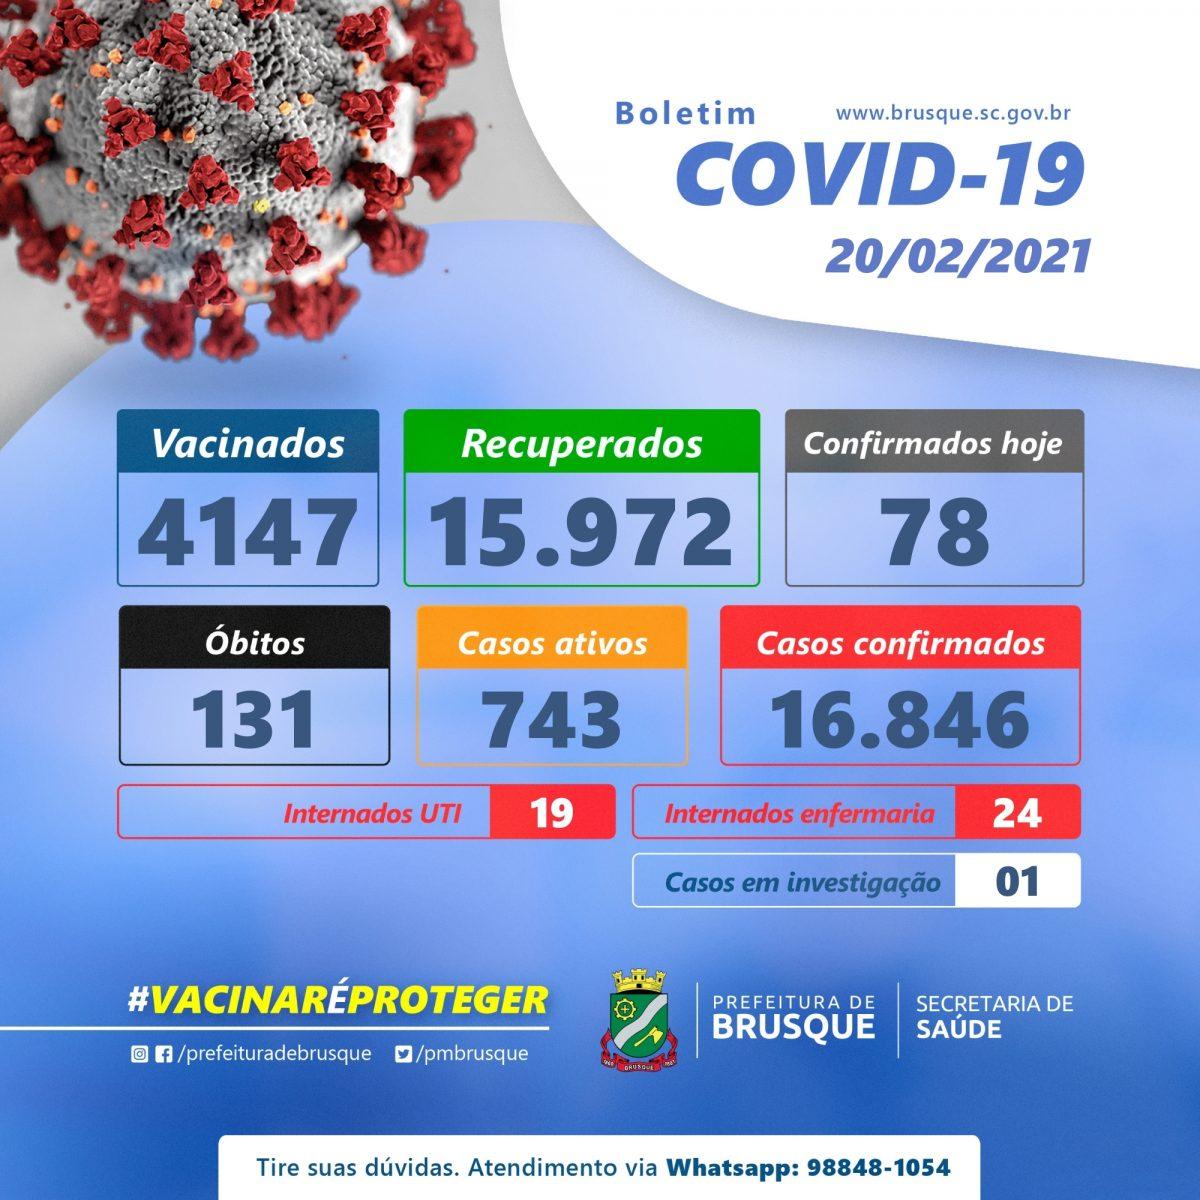 Covid-19: Confira o boletim epidemiológico deste sábado (20)